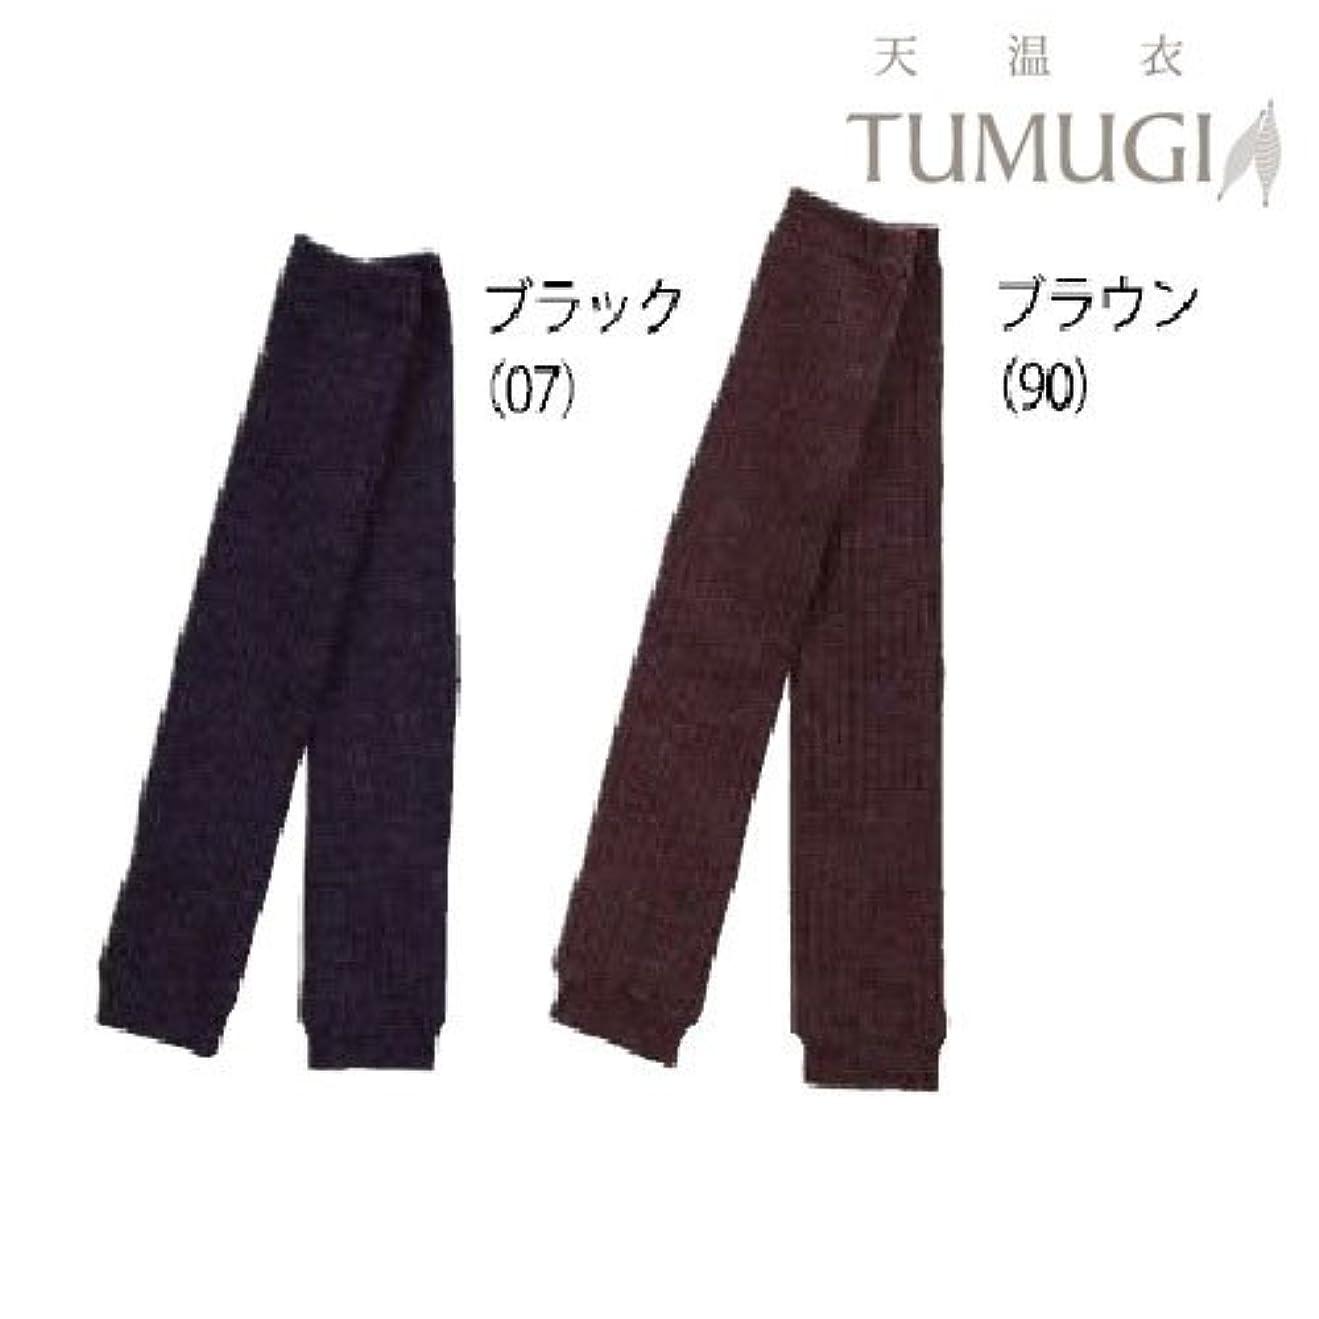 腹部やむを得ないブース天温衣TUMUGI  ウールとシルクの2重編みレッグウォーマー (ブラウン(茶))